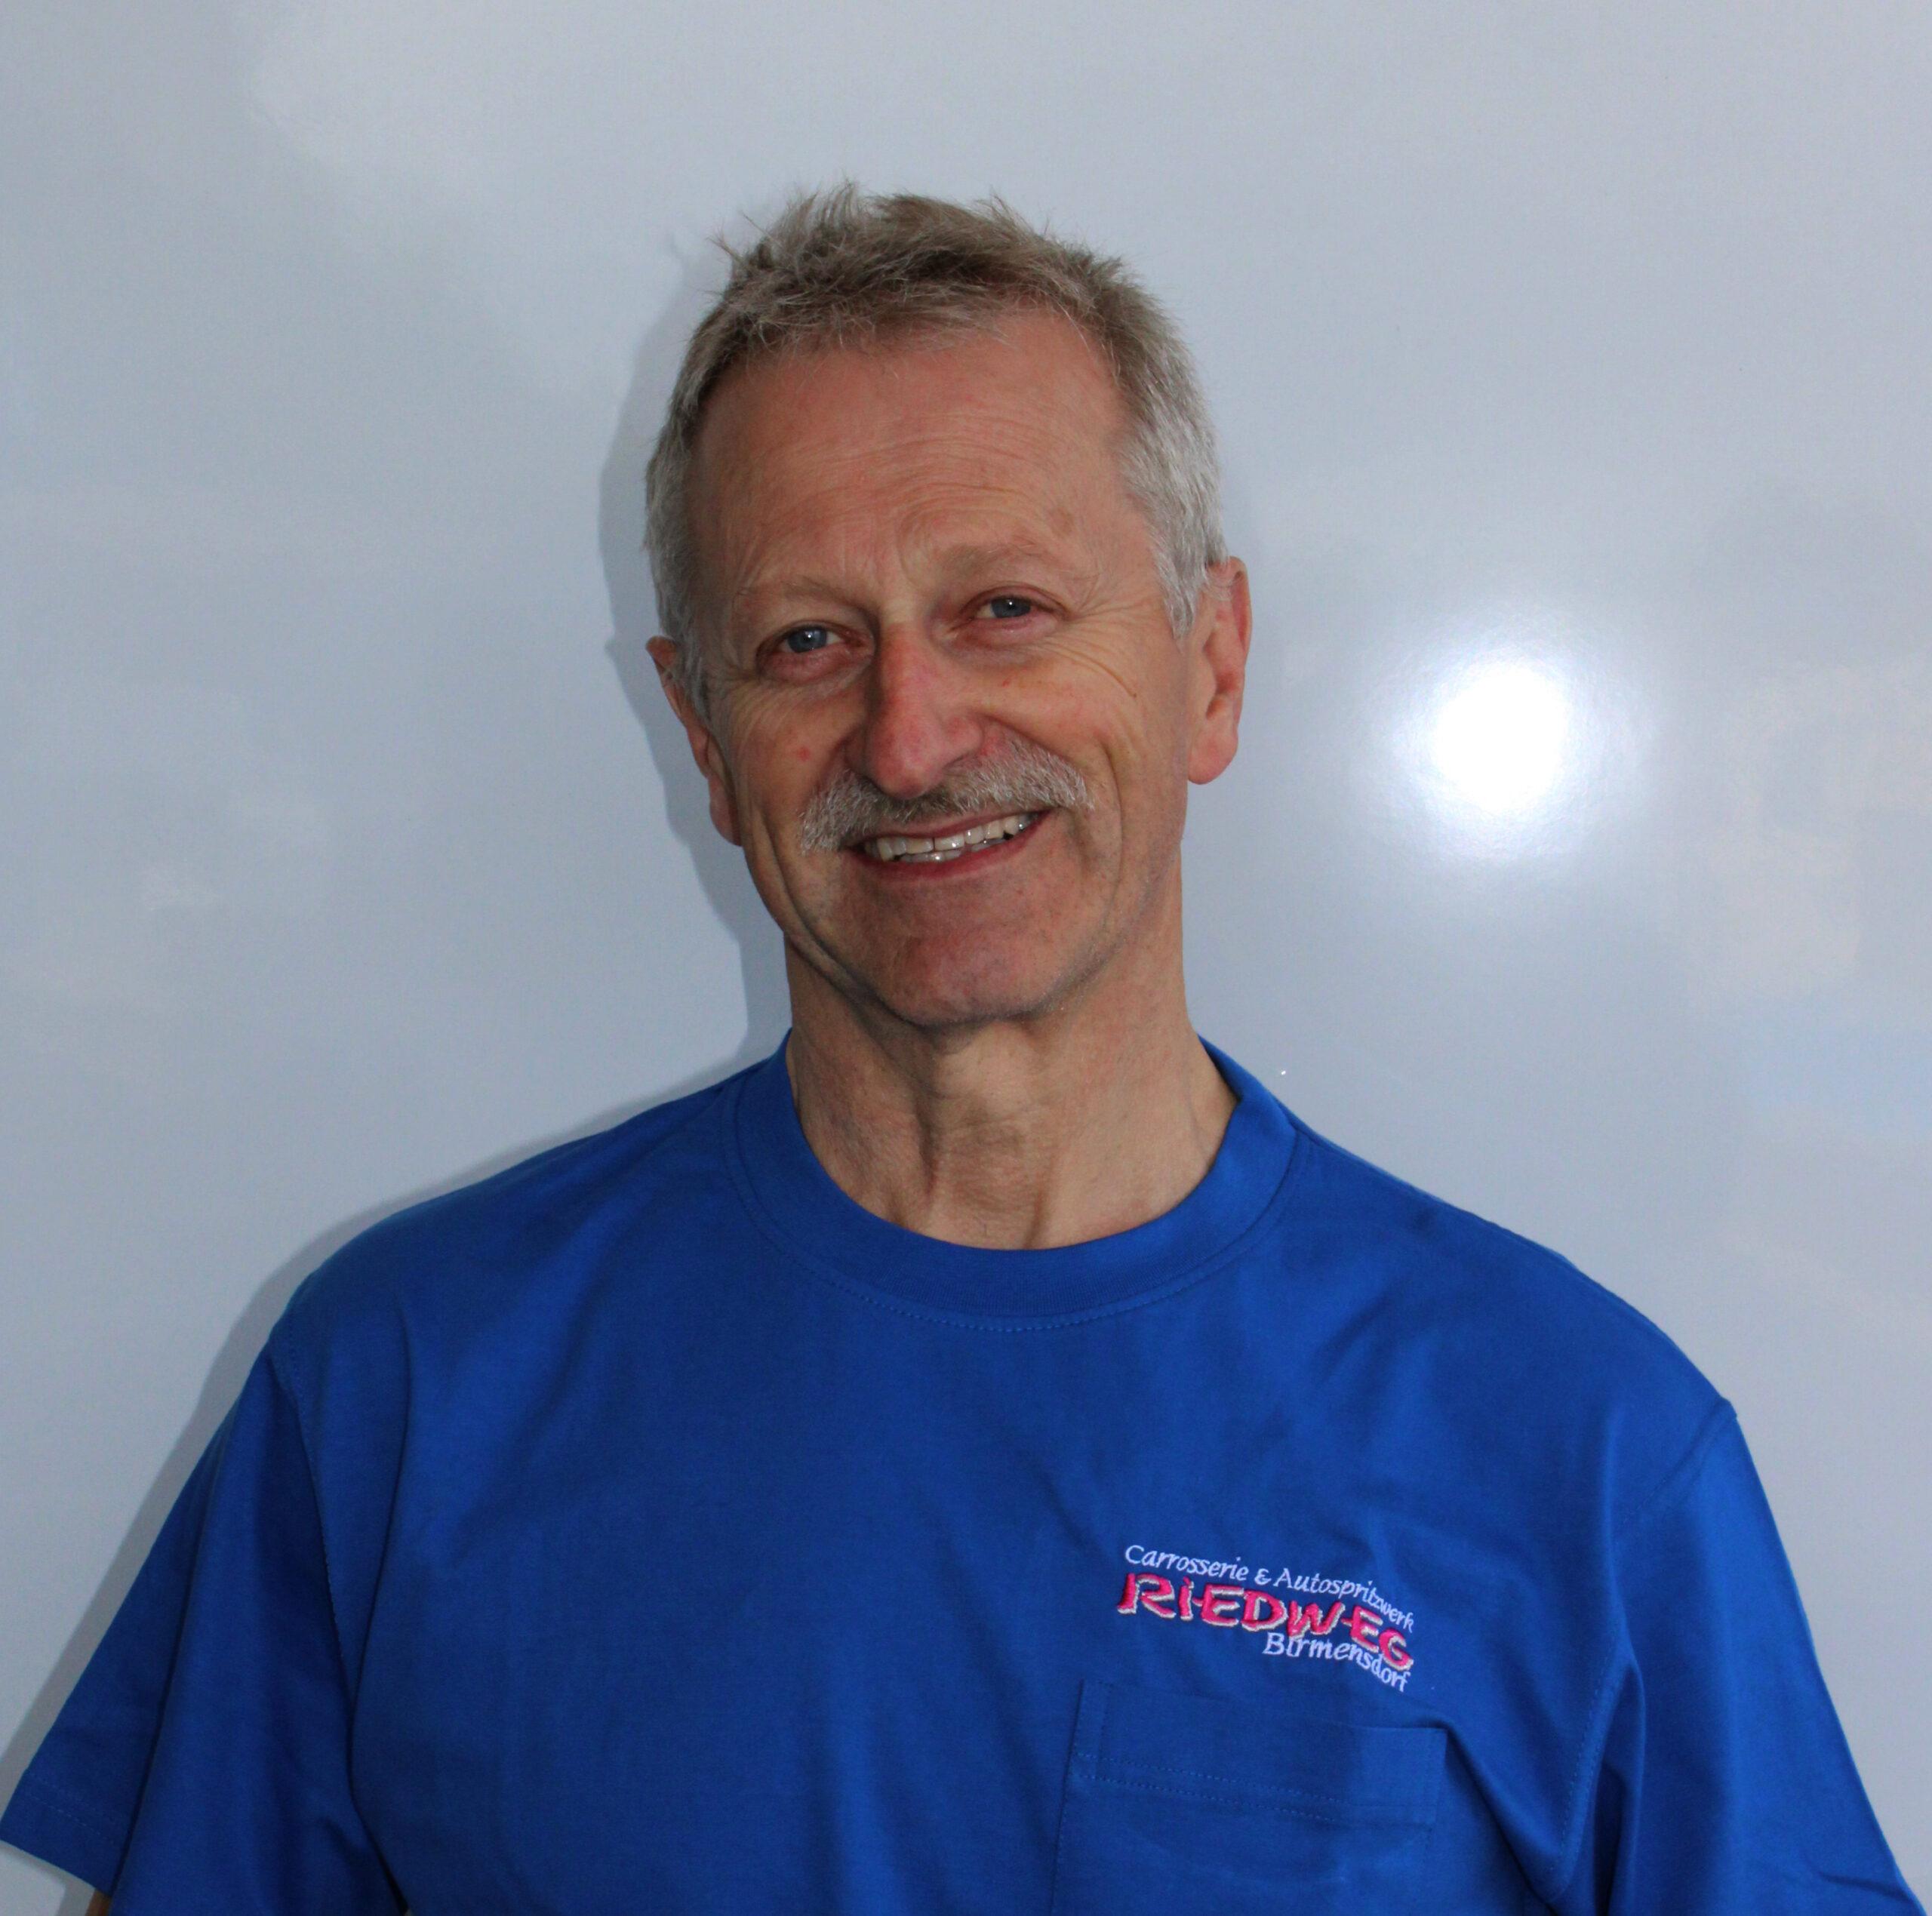 Pius Riedweg